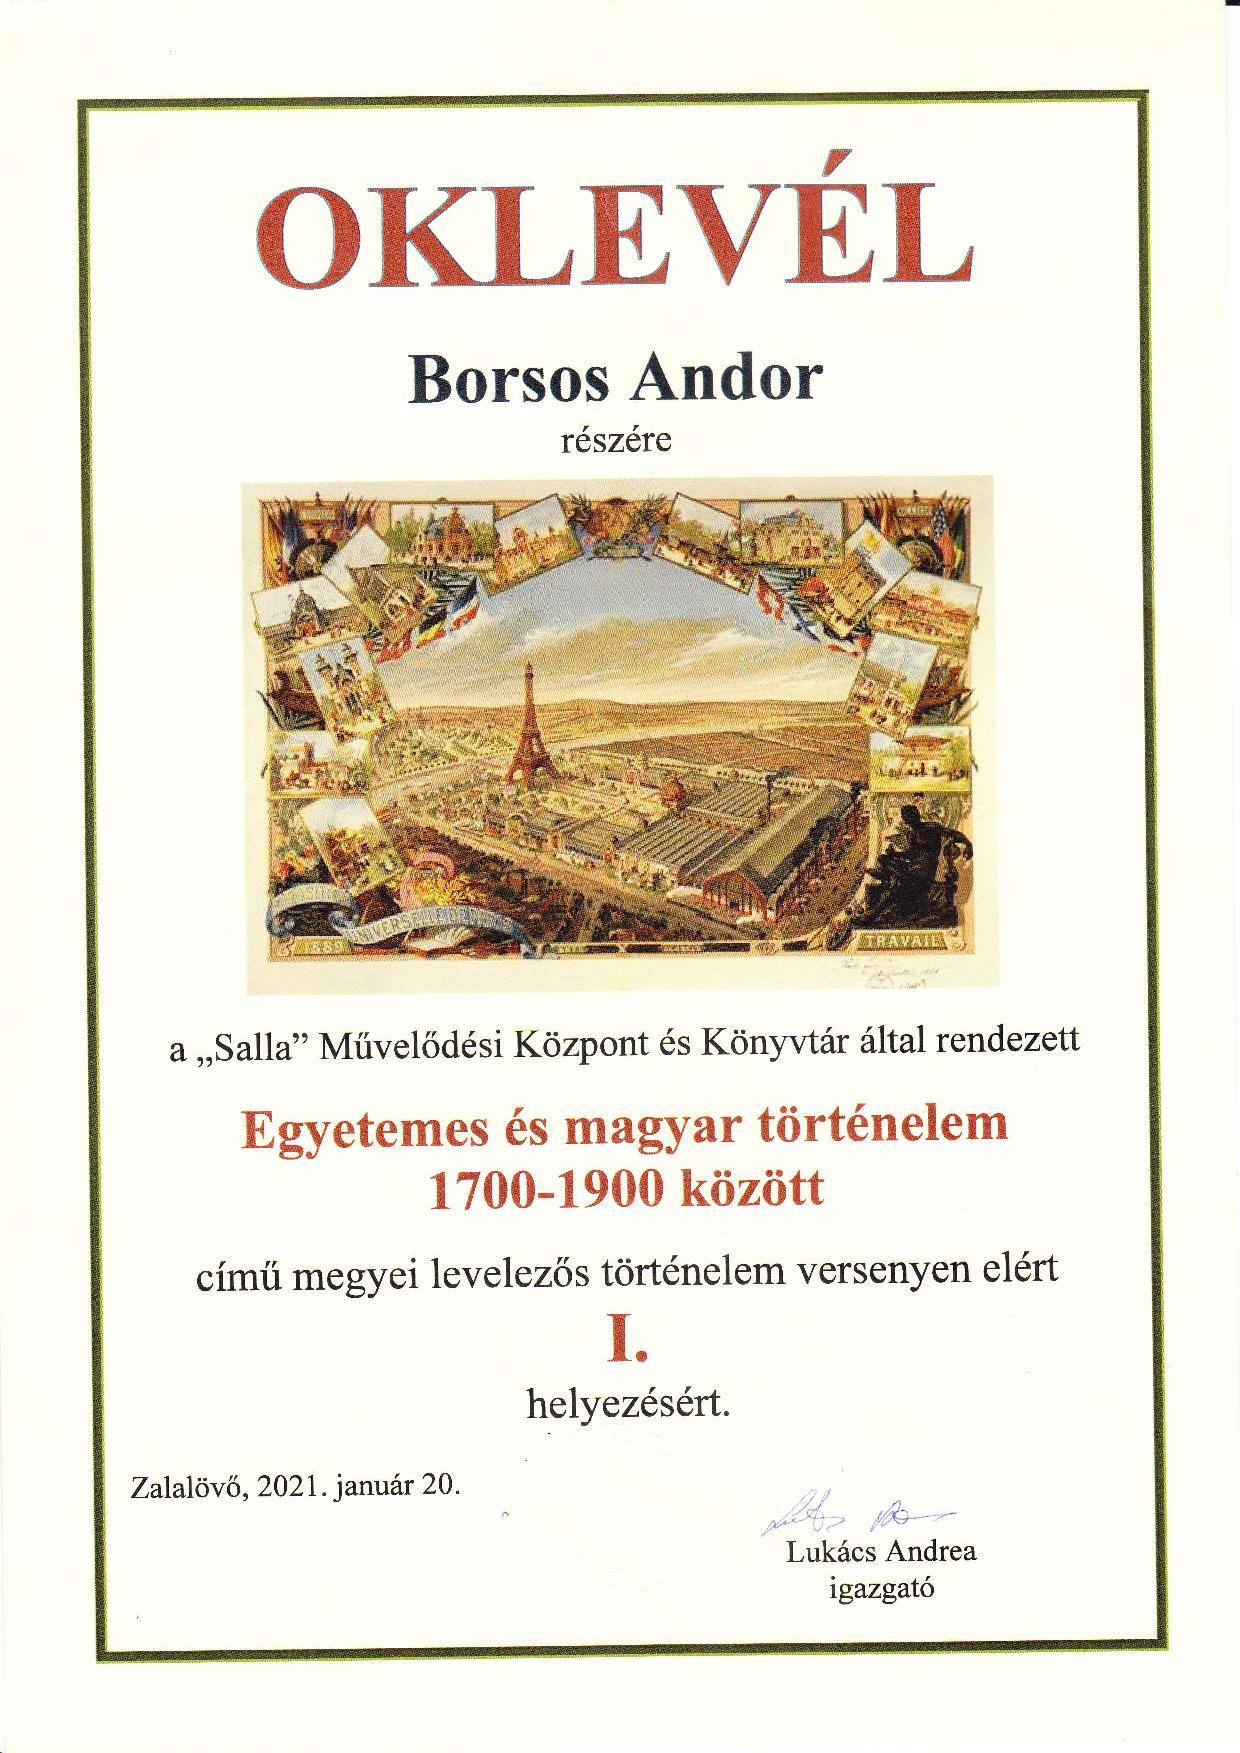 borsos_andor_7_o_i_helyezes-page-001.jpg